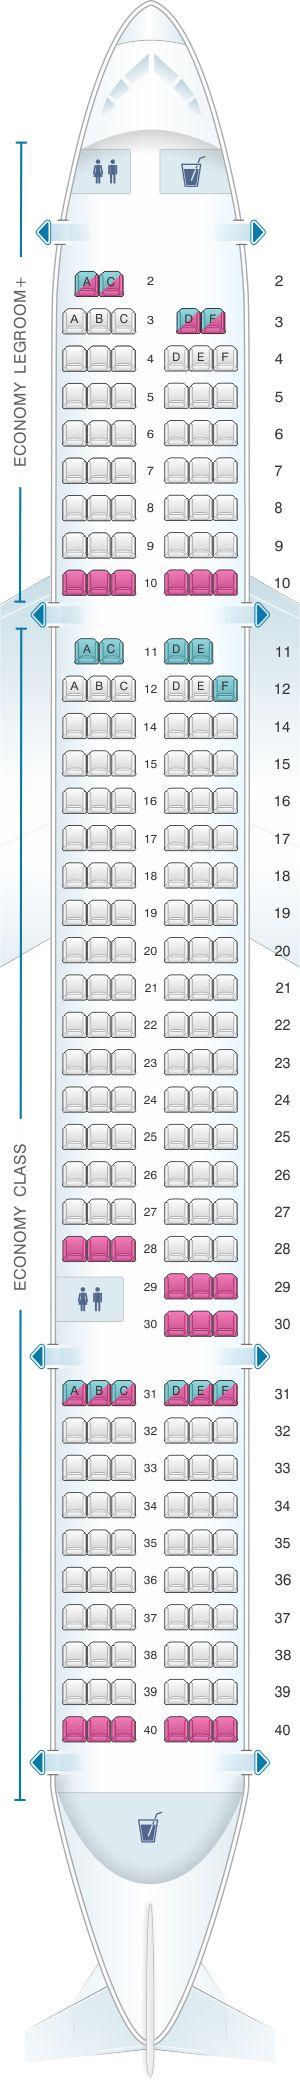 Seat Map Allegiant Air Boeing B757 200